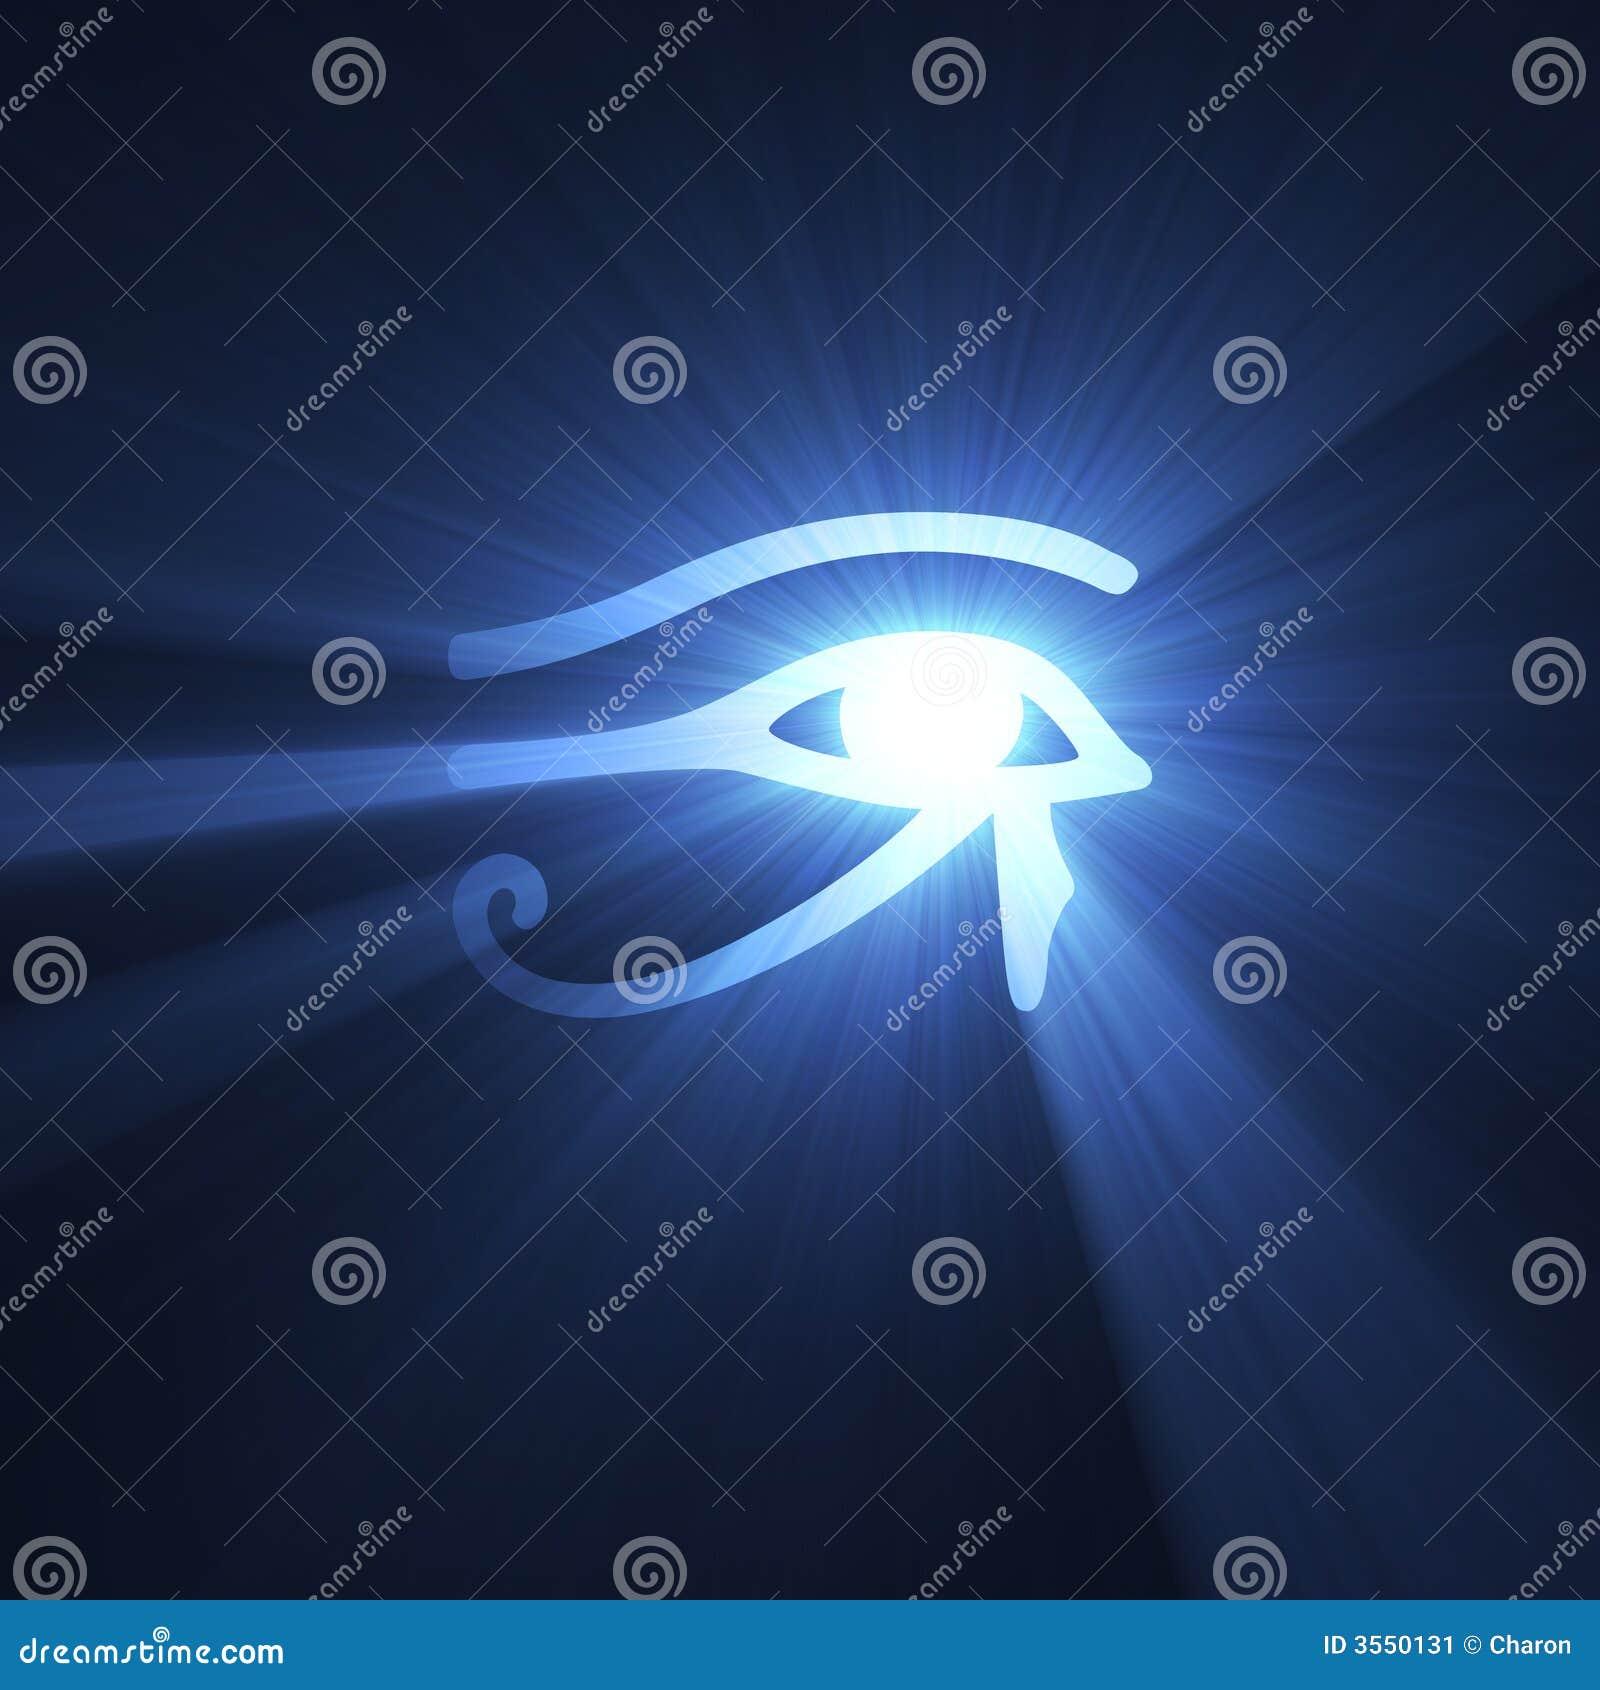 eye of horus wallpaper